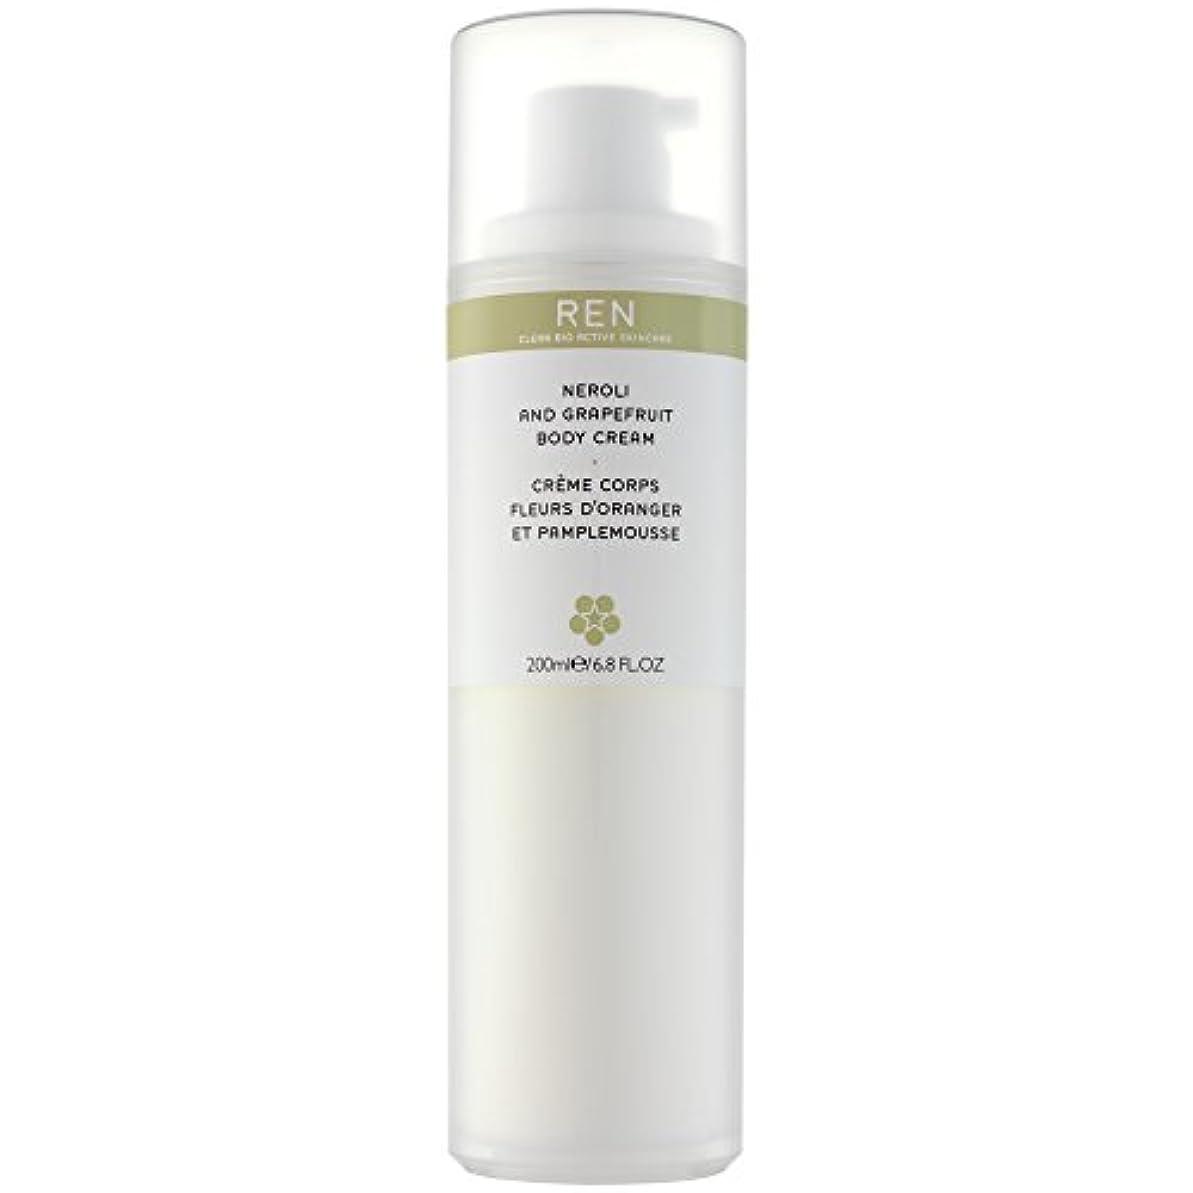 スワップコンパニオン王朝Renネロリとグレープフルーツボディクリーム200ミリリットル (REN) (x6) - REN Neroli and Grapefruit Body Cream 200ml (Pack of 6) [並行輸入品]